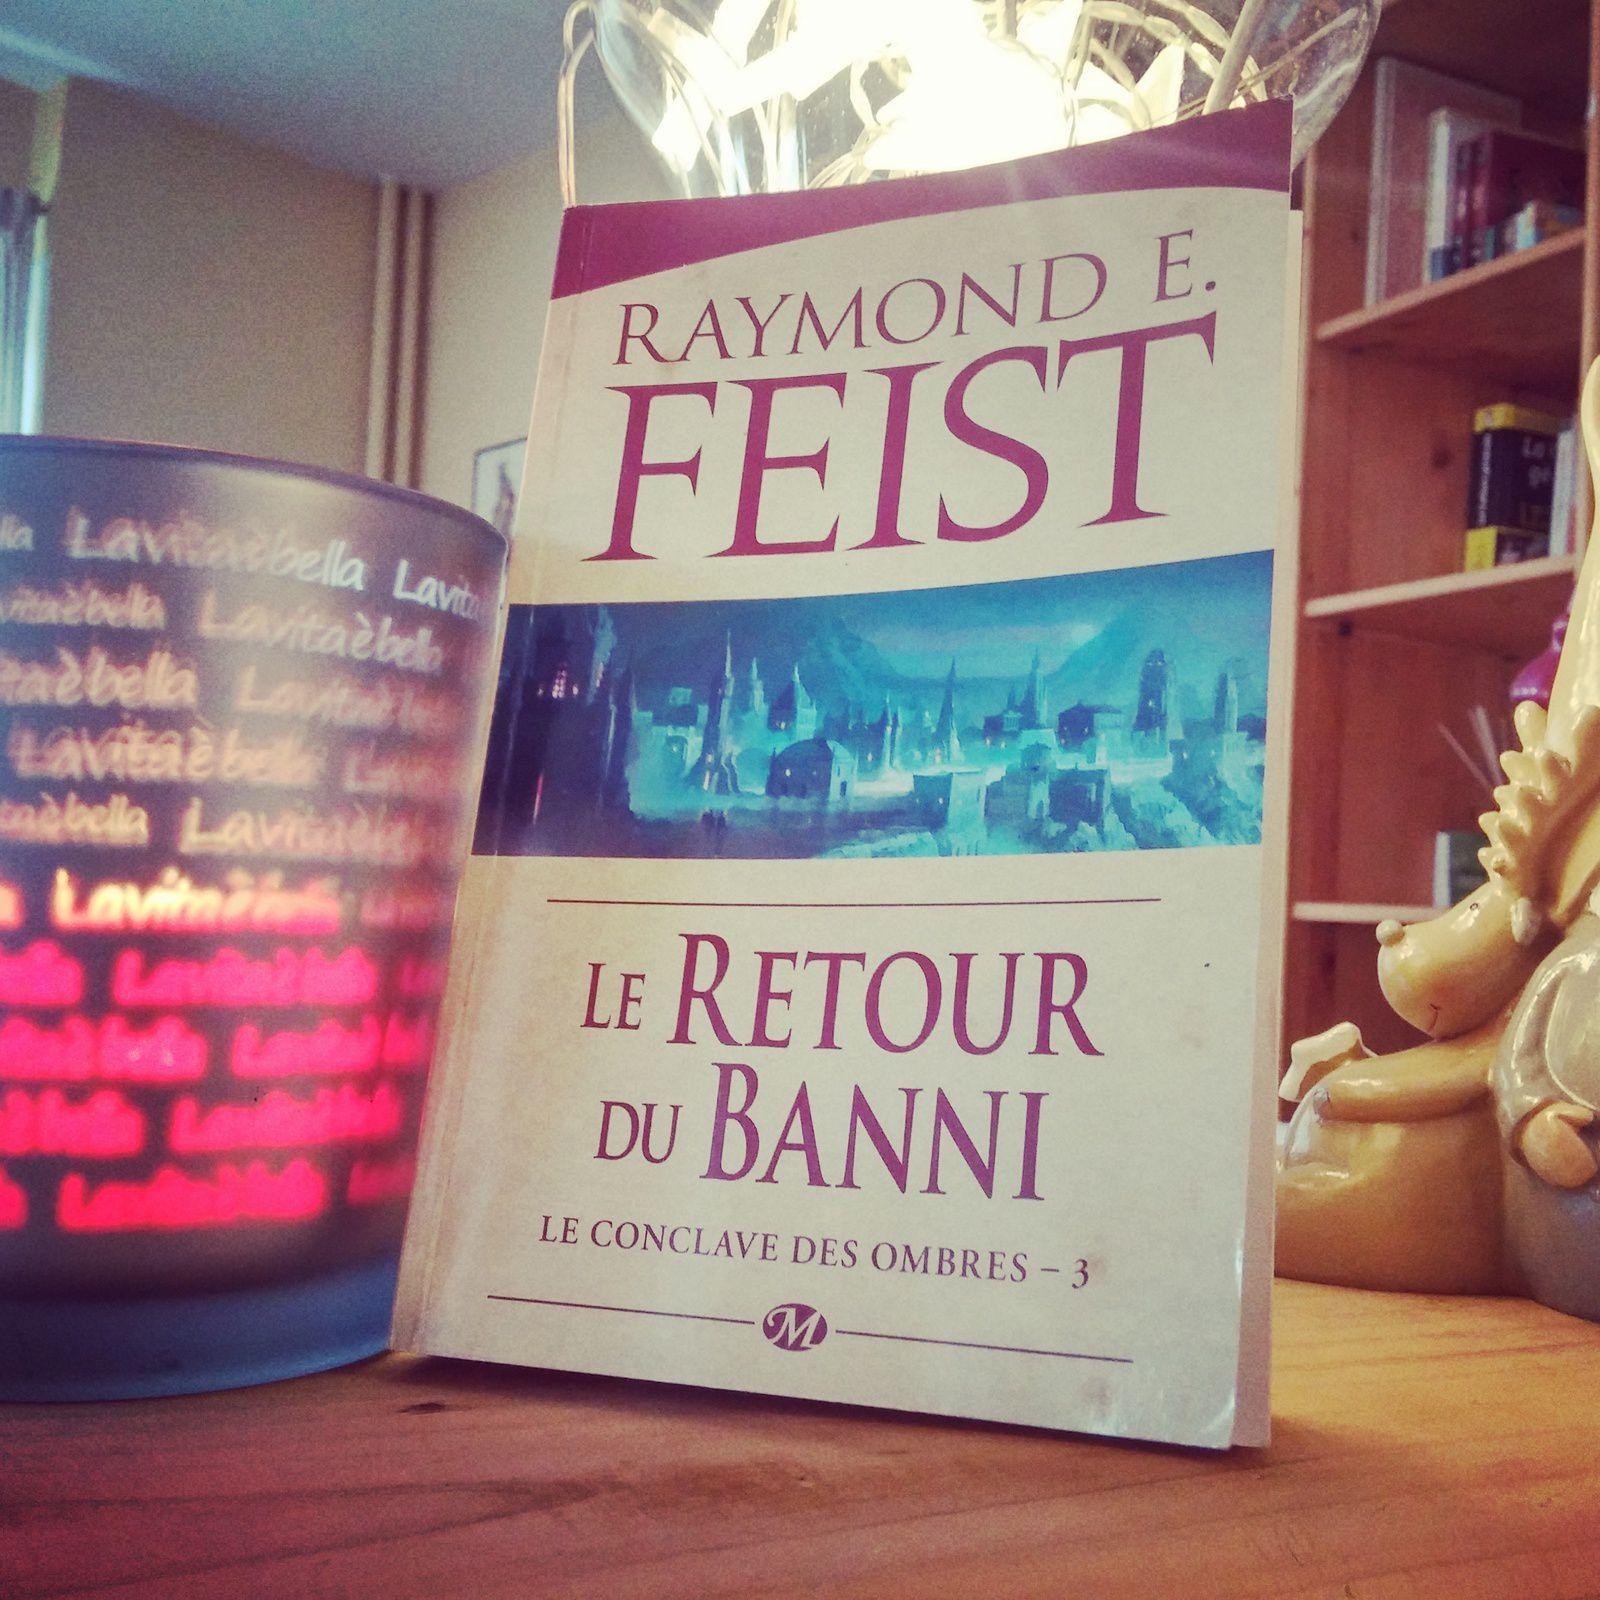 JOUR 13 du #neverlandpbc de Décembre 2016 : une fin ouverte... #leretourdubanni de #raymondefeist car il ouvre la voie pour la trilogie suivante...